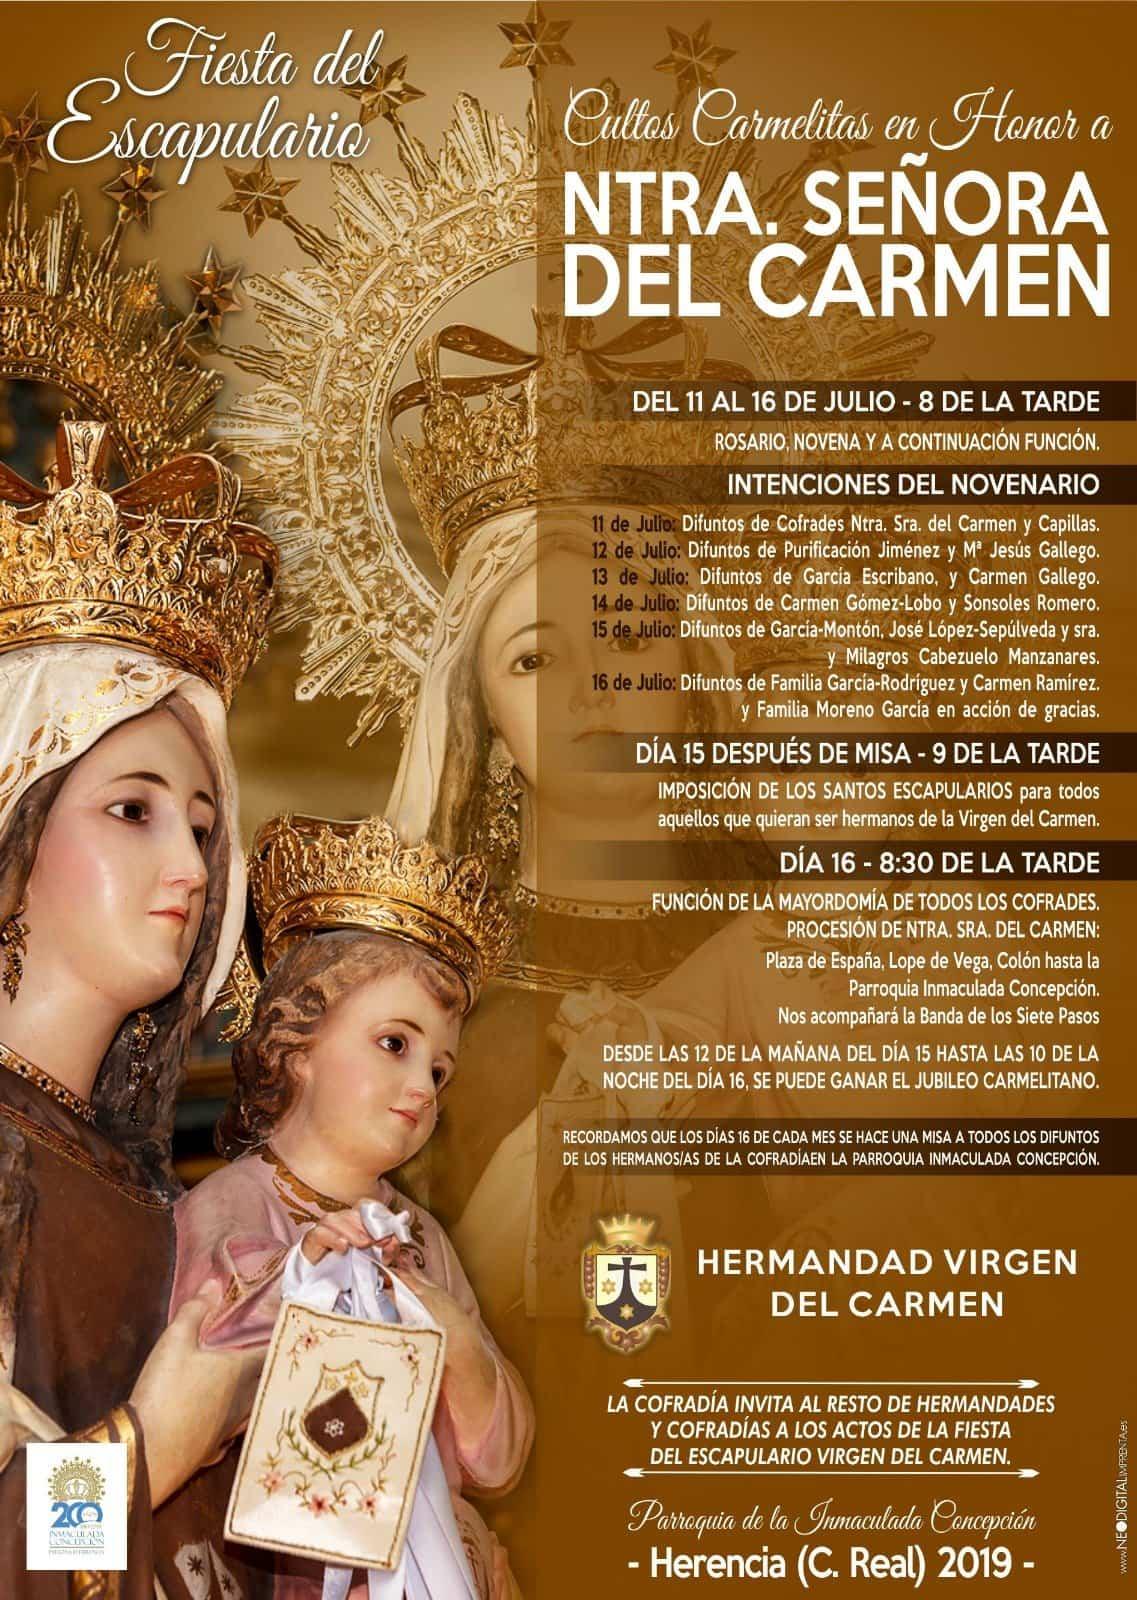 Fiesta del Escapulario de la Virgen del Carmen en Herencia 3